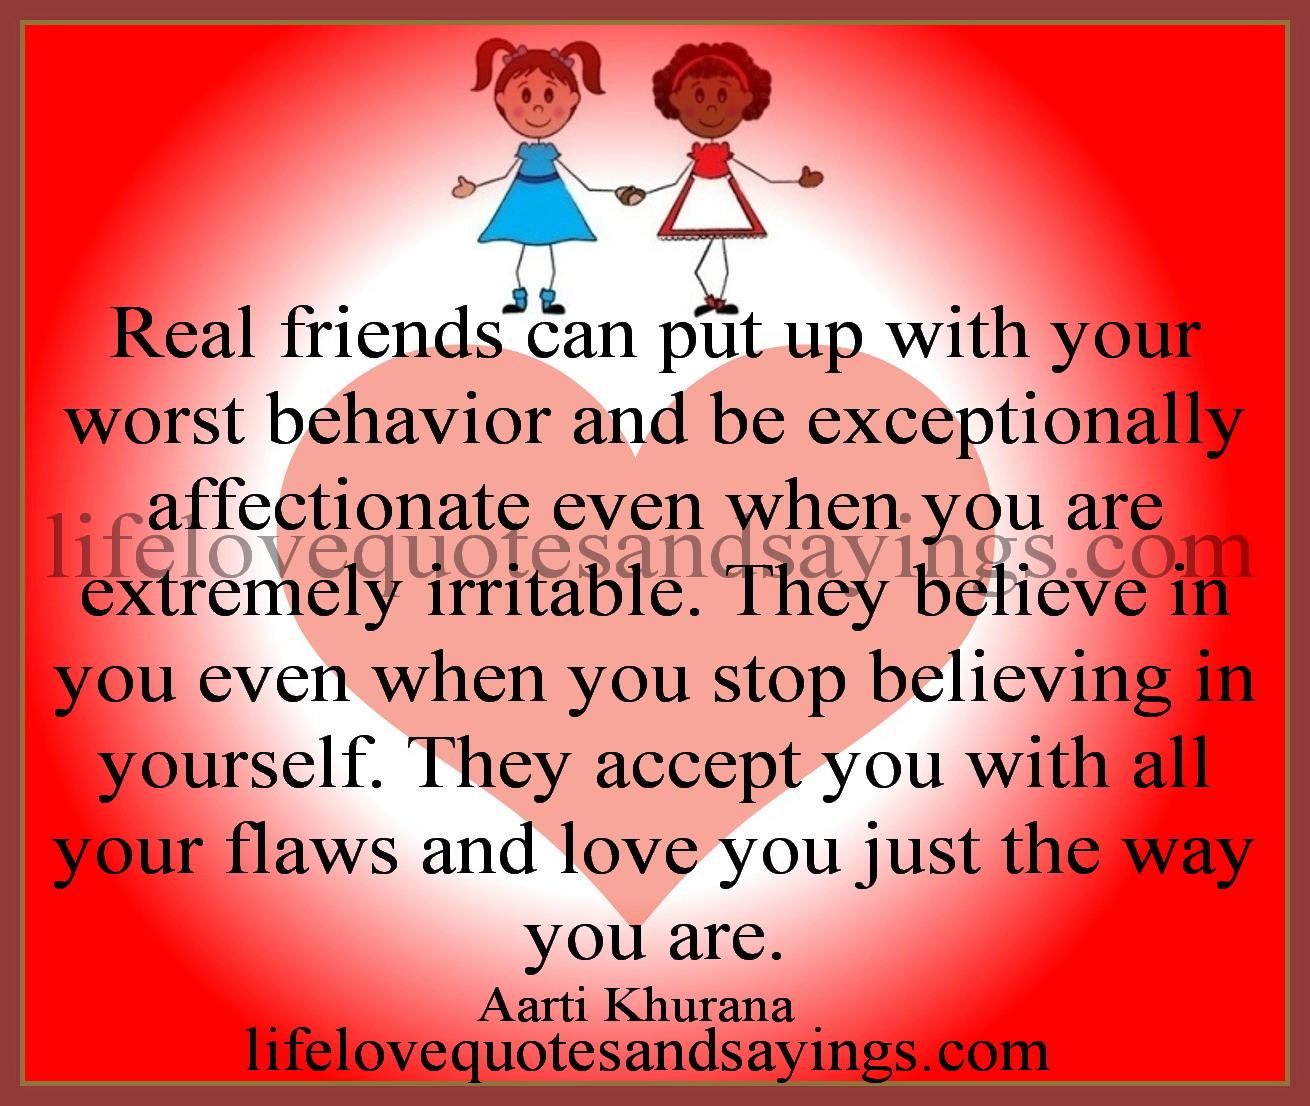 love quotes for facebook quotesgram